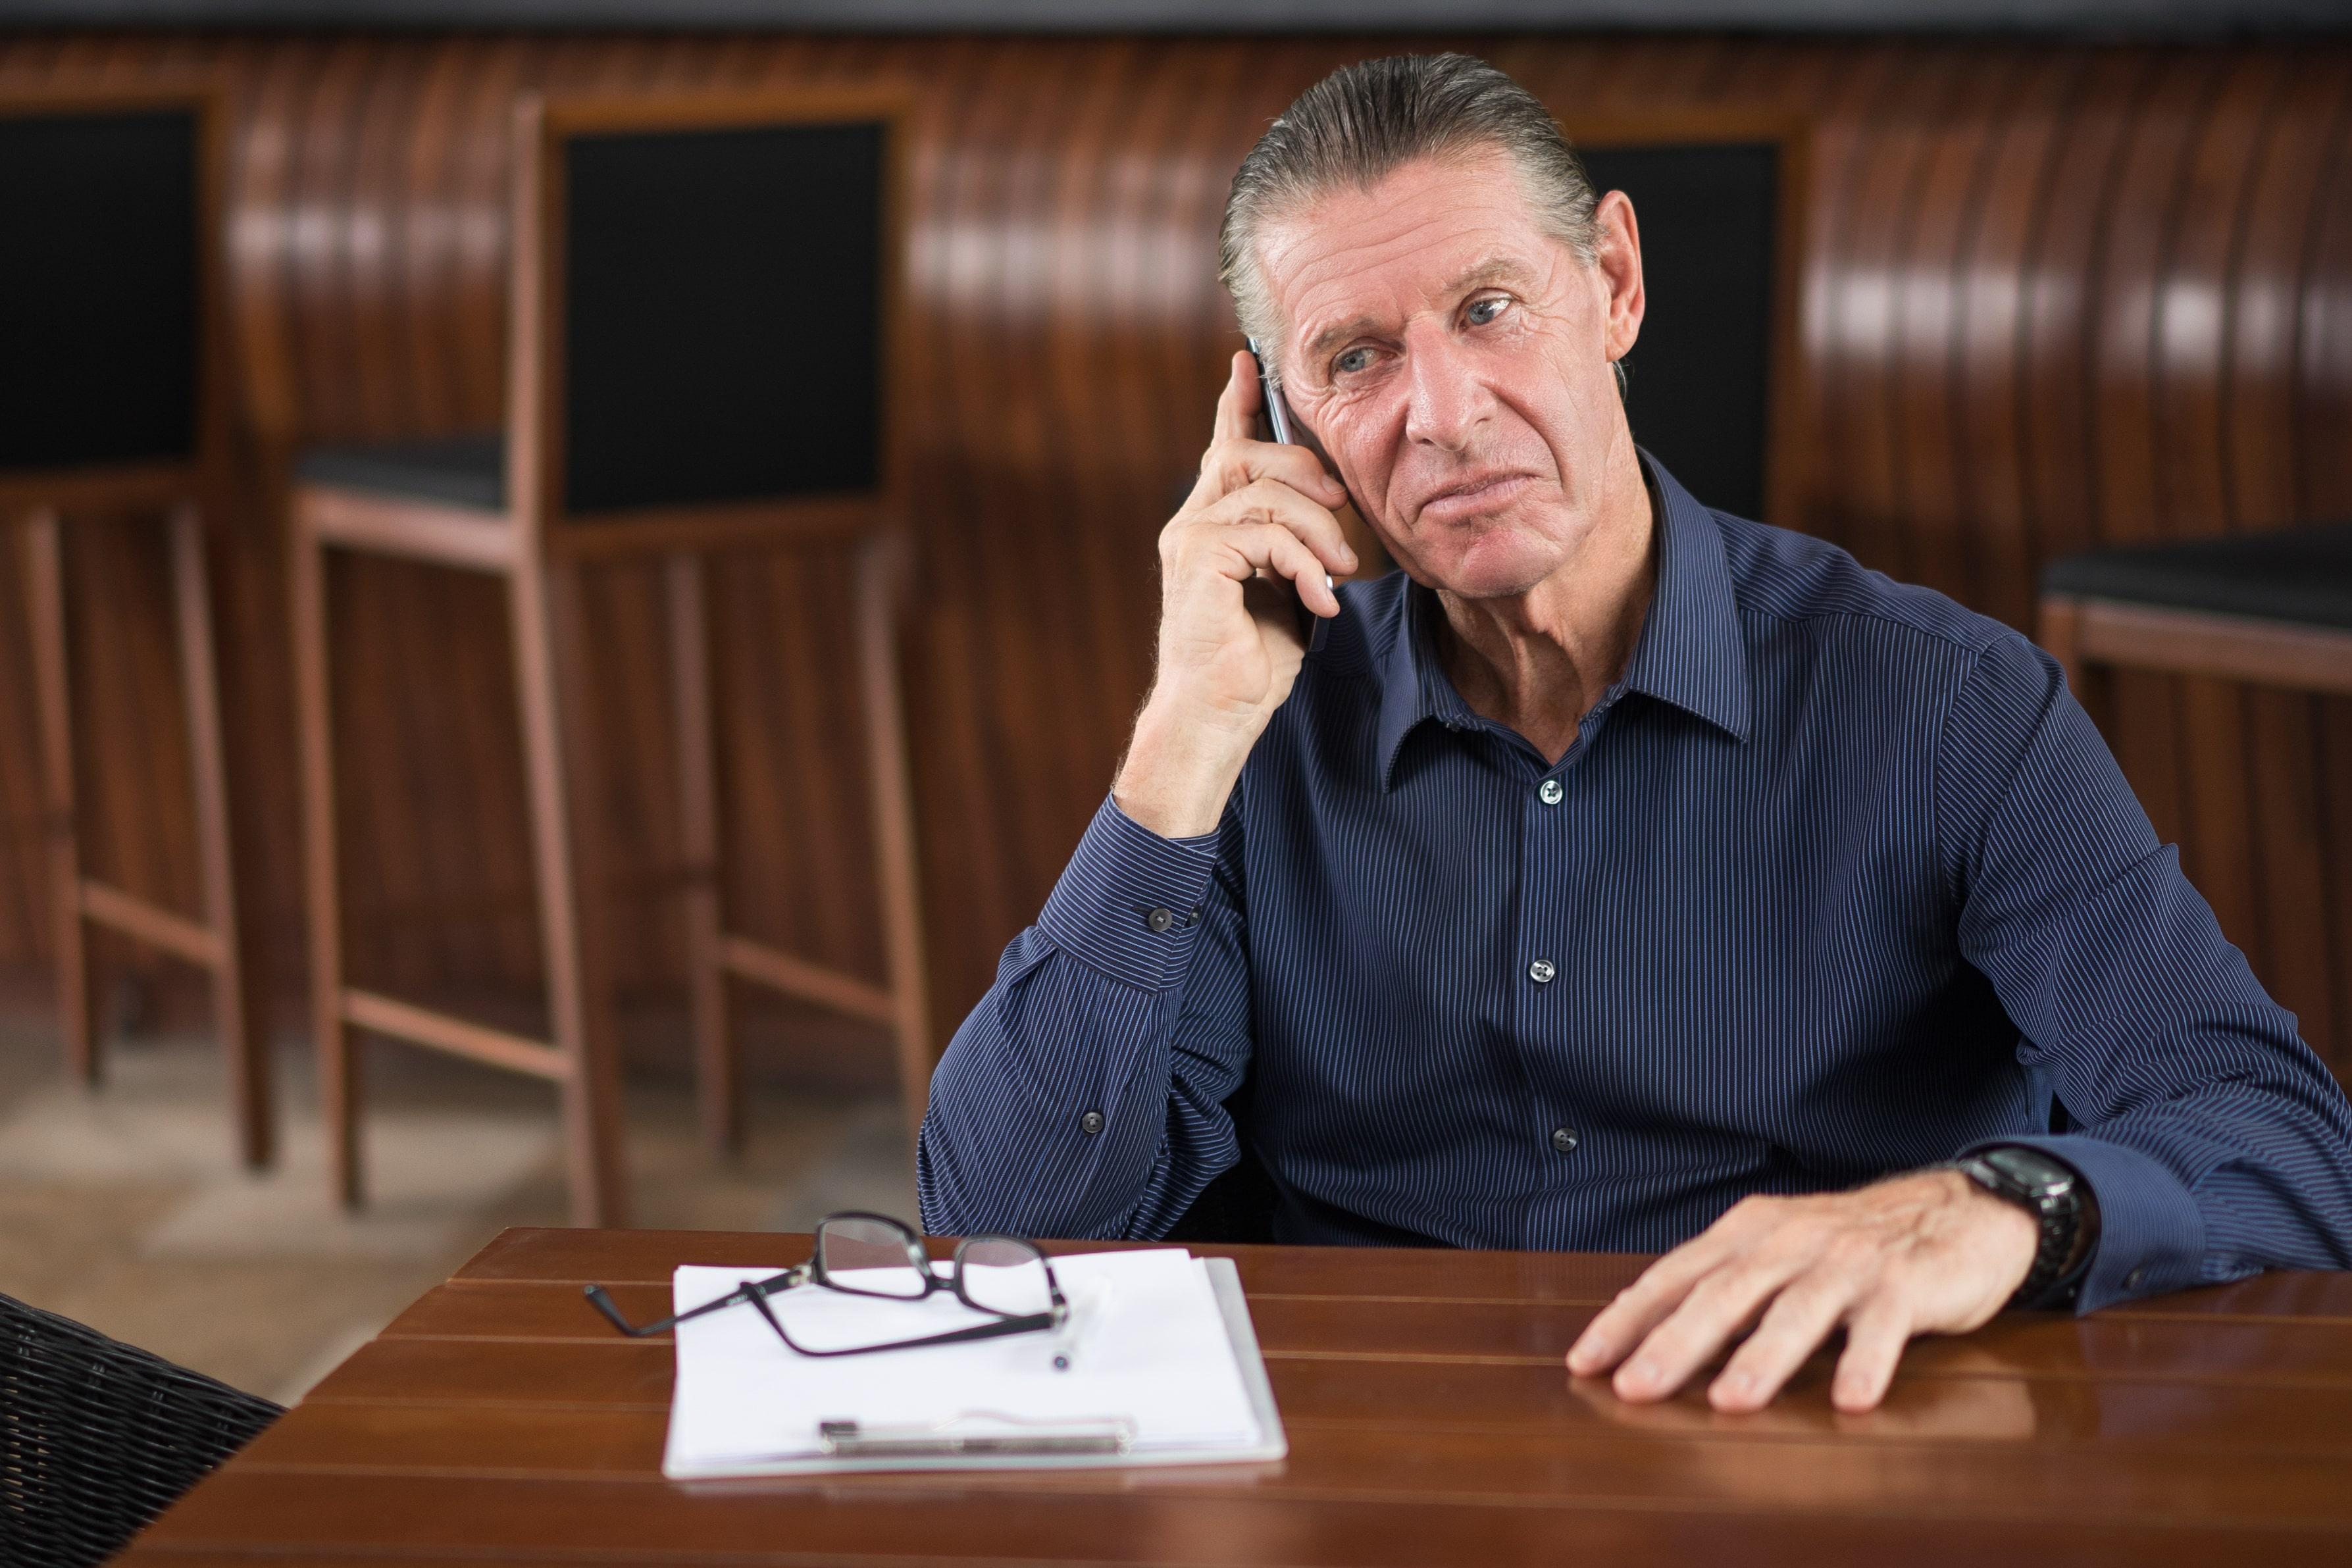 Démarchage téléphonique abusif : Proposition de loi adoptée à l'unanimité